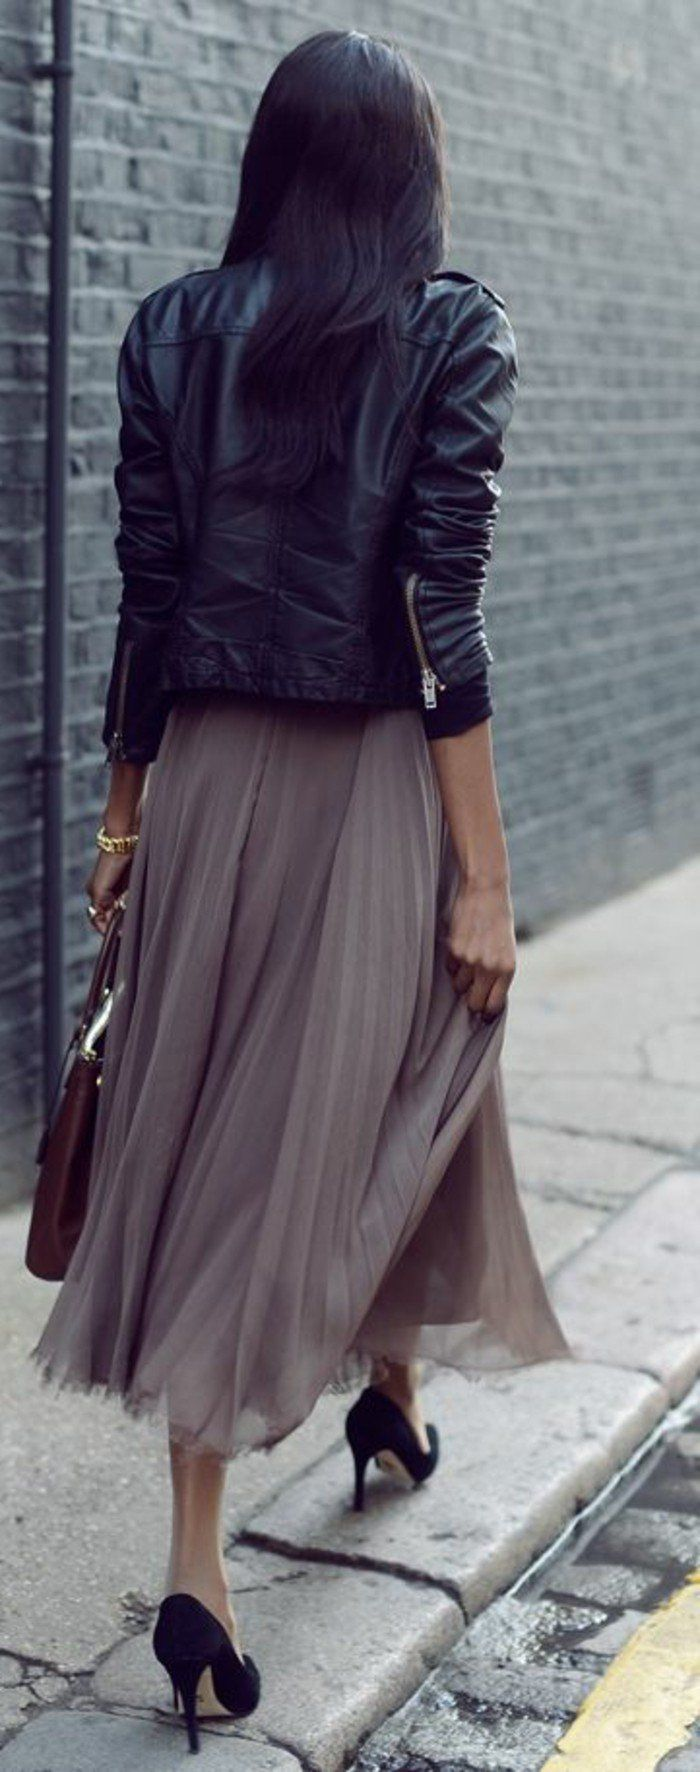 comment porter la jupe longue plissée? 80 idées! | jupe longue